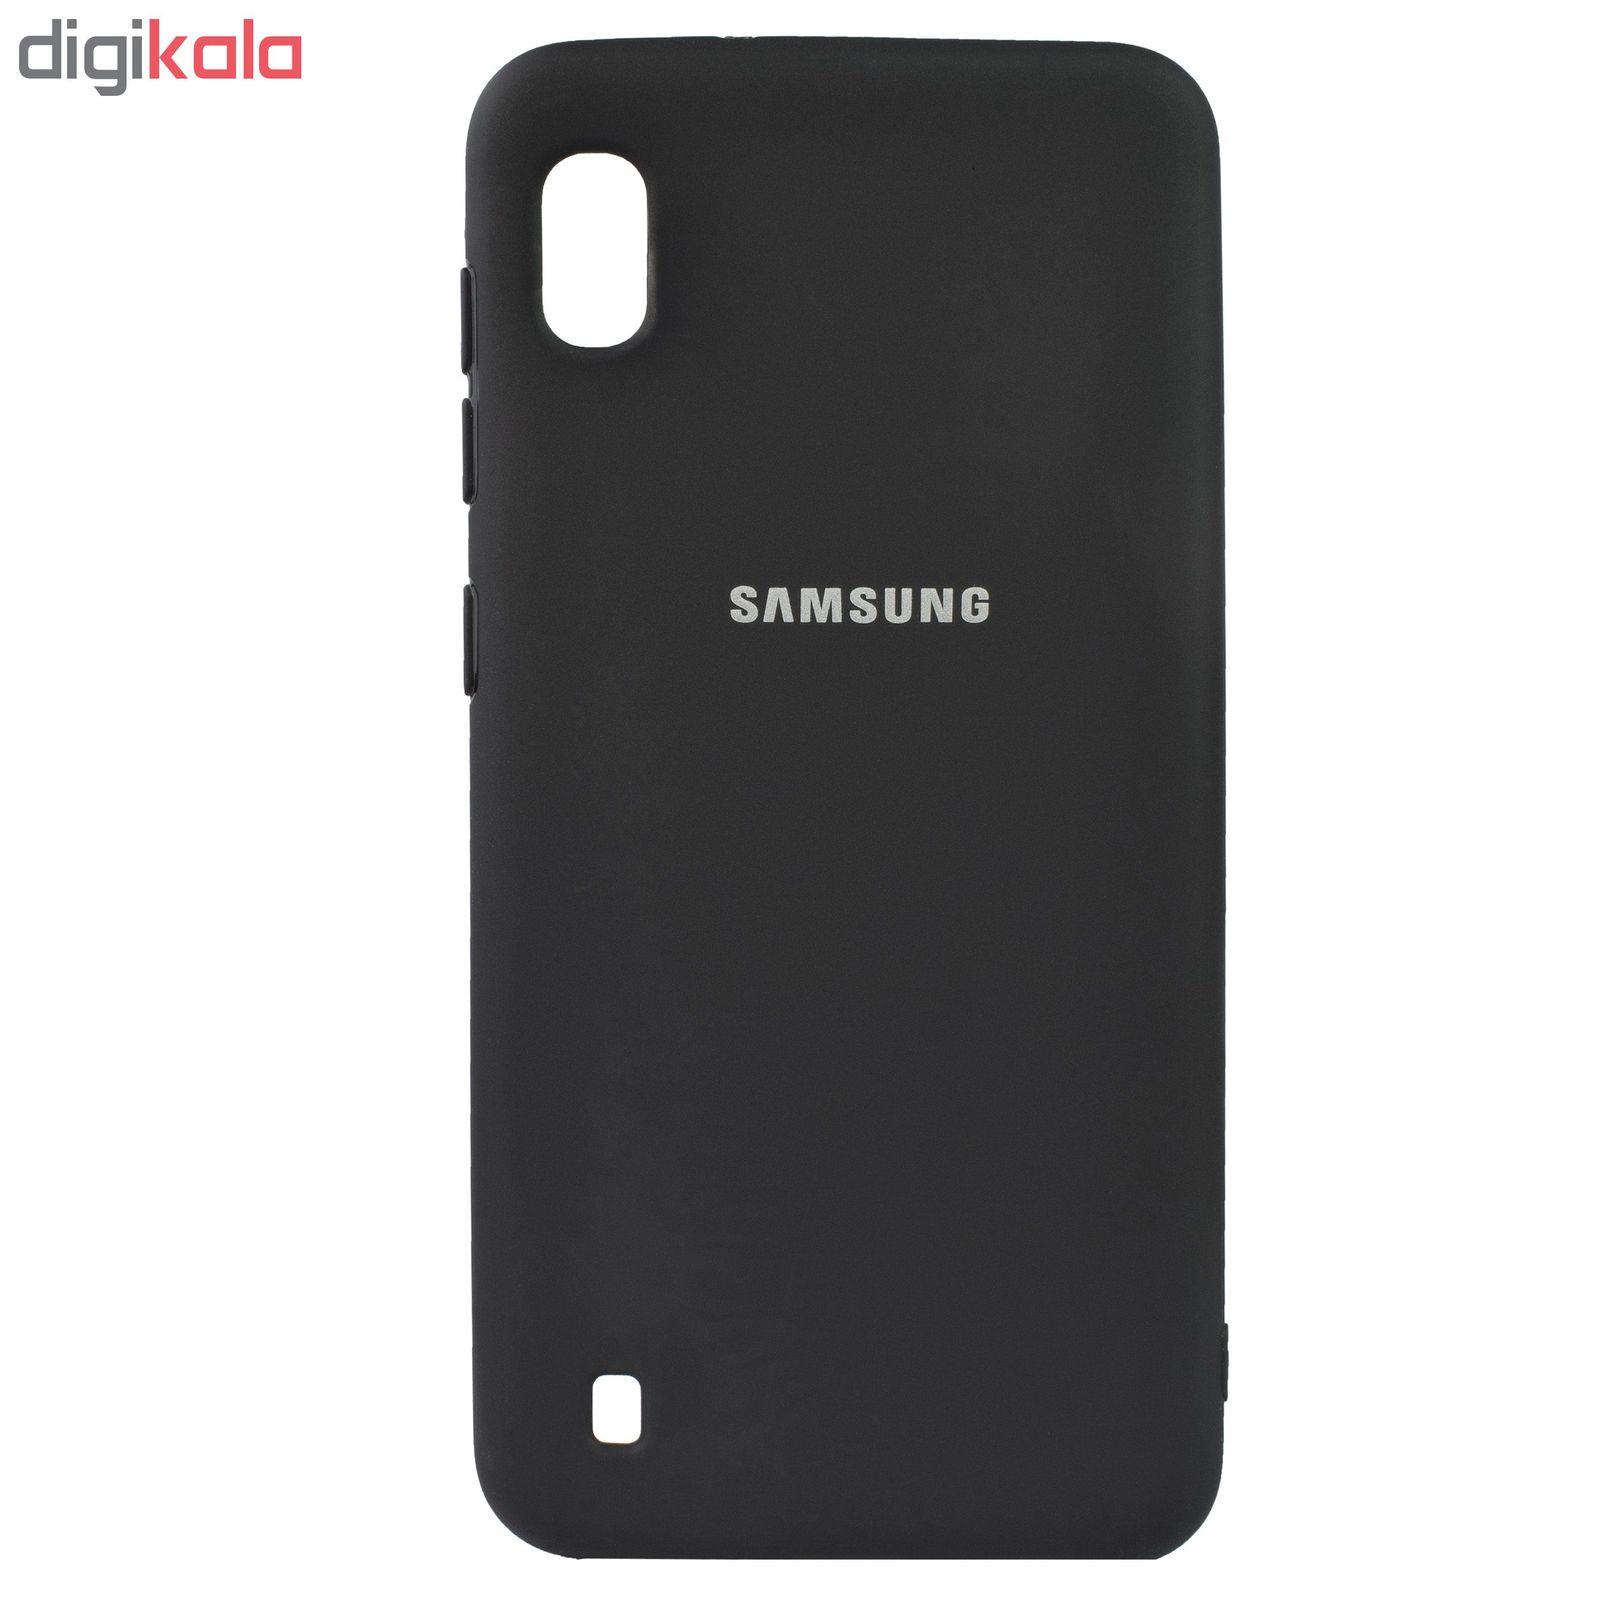 کاور مدل Sicomi مناسب برای گوشی موبایل سامسونگ Galaxy A10 main 1 4